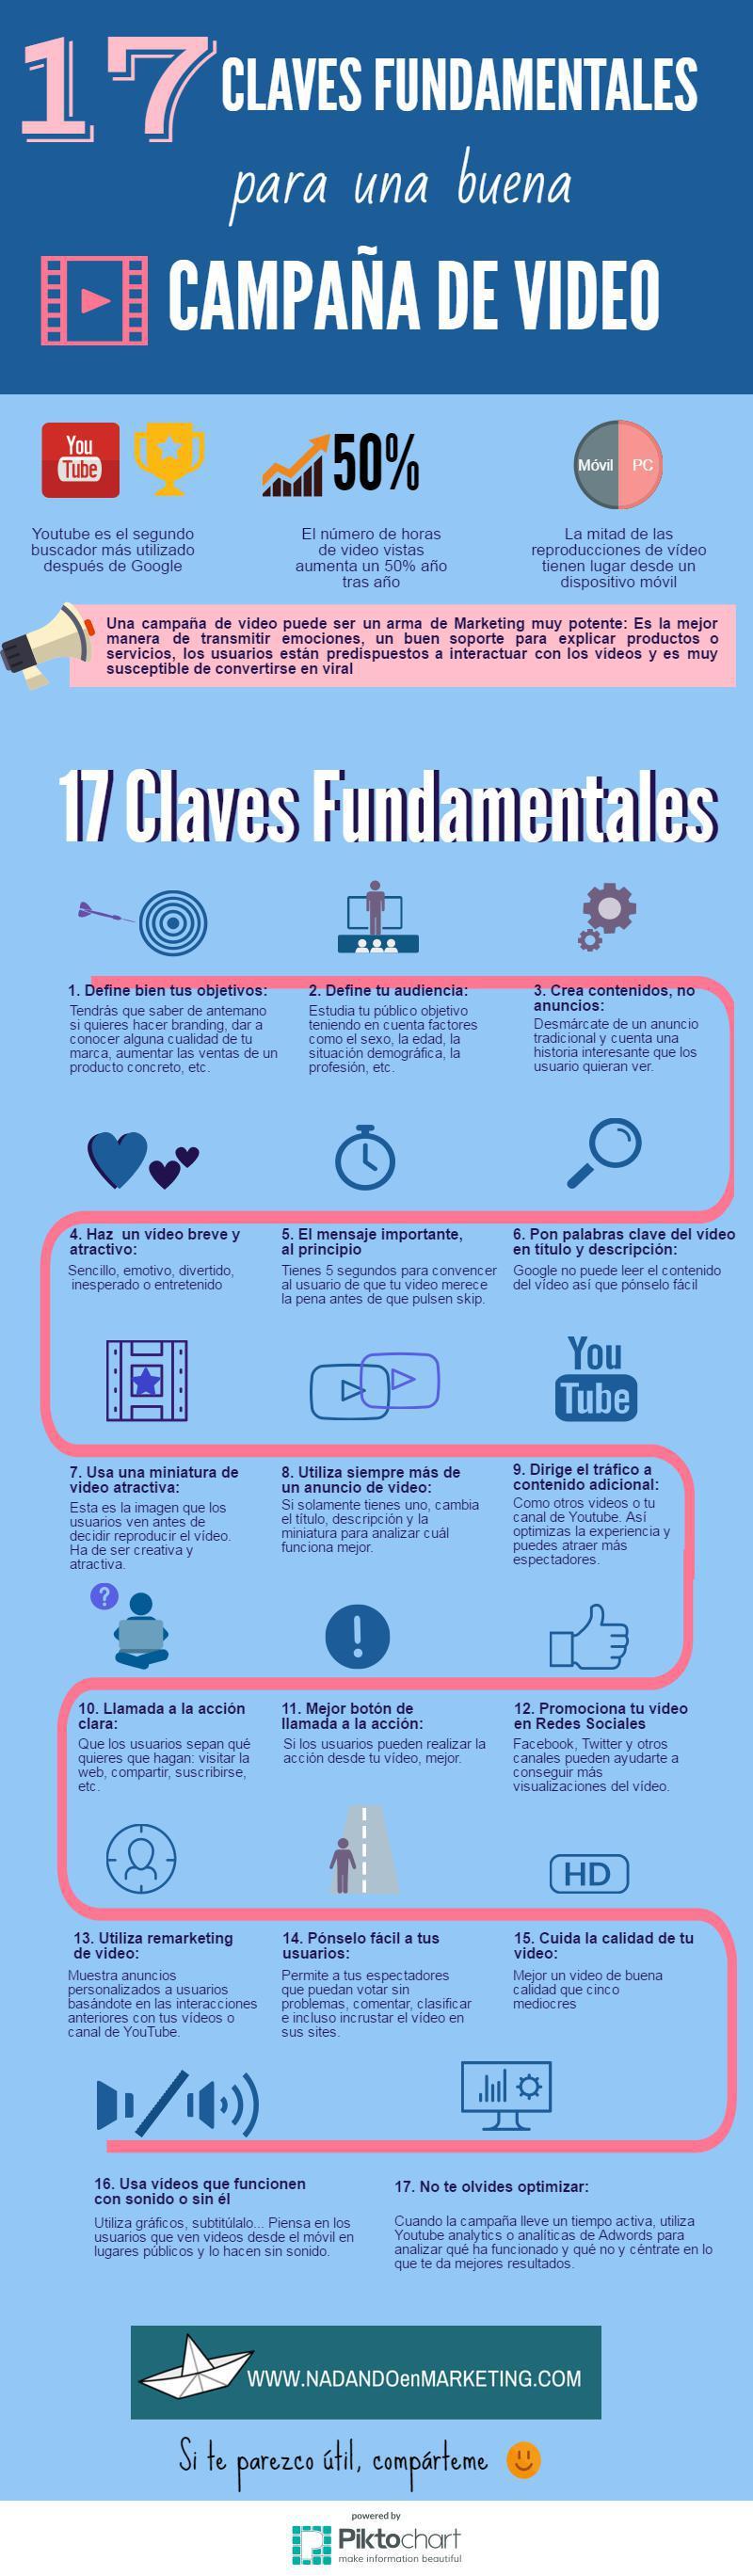 17 claves fundamentales para una campaña de vídeo